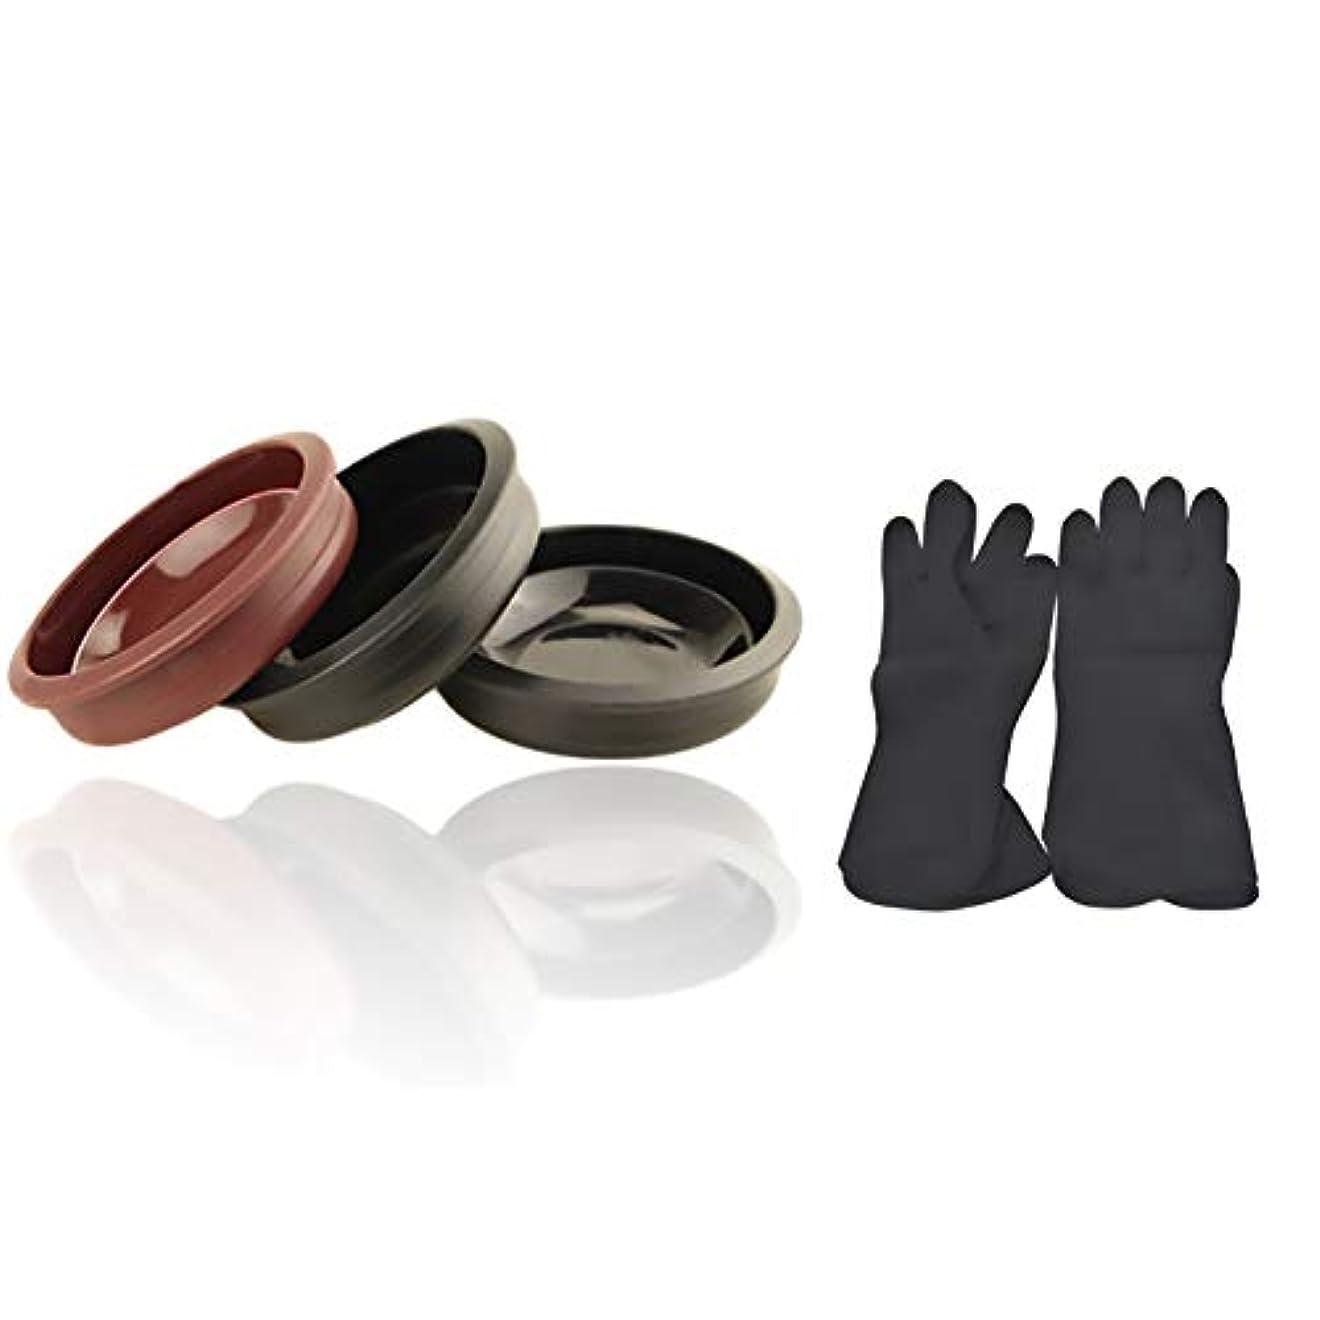 些細インキュバスいまTofover 3ピースヘアカラーミキシングボウルと20カウントヘアダイ手袋、黒の再利用可能なゴム手袋、ヘアサロンヘア染色のためのプロのヘアカラーツールキット